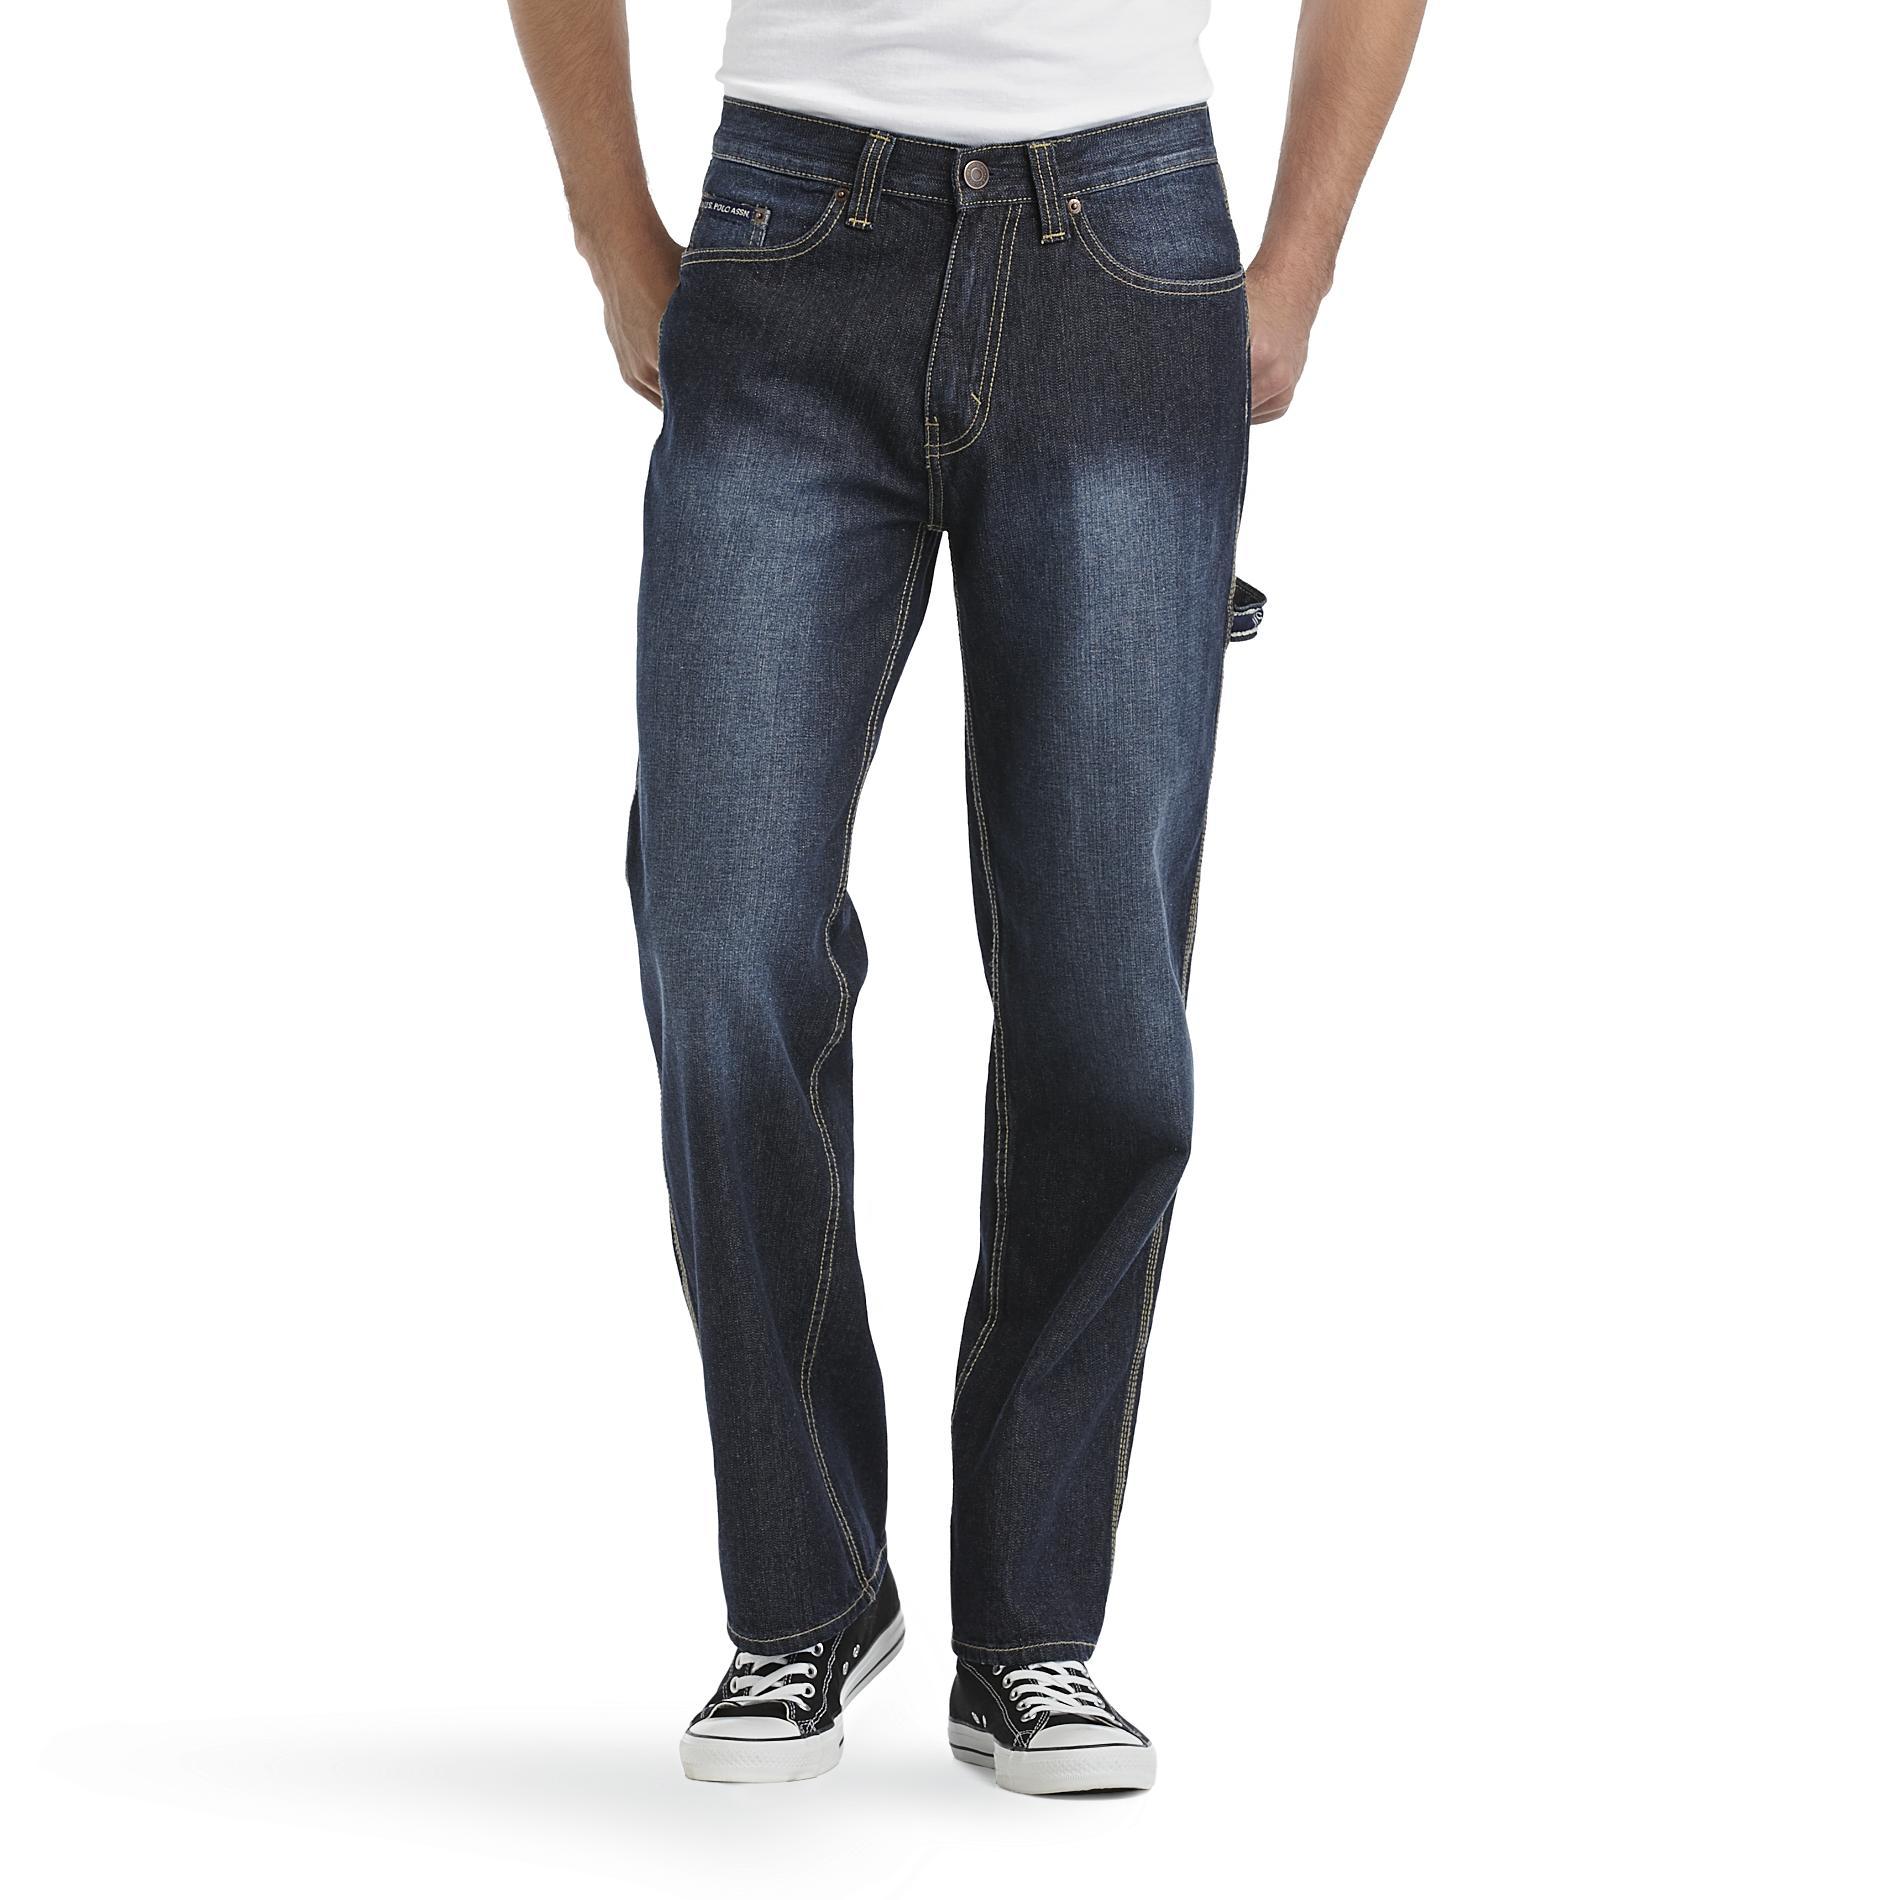 Polo Assn Carpenter Jeans